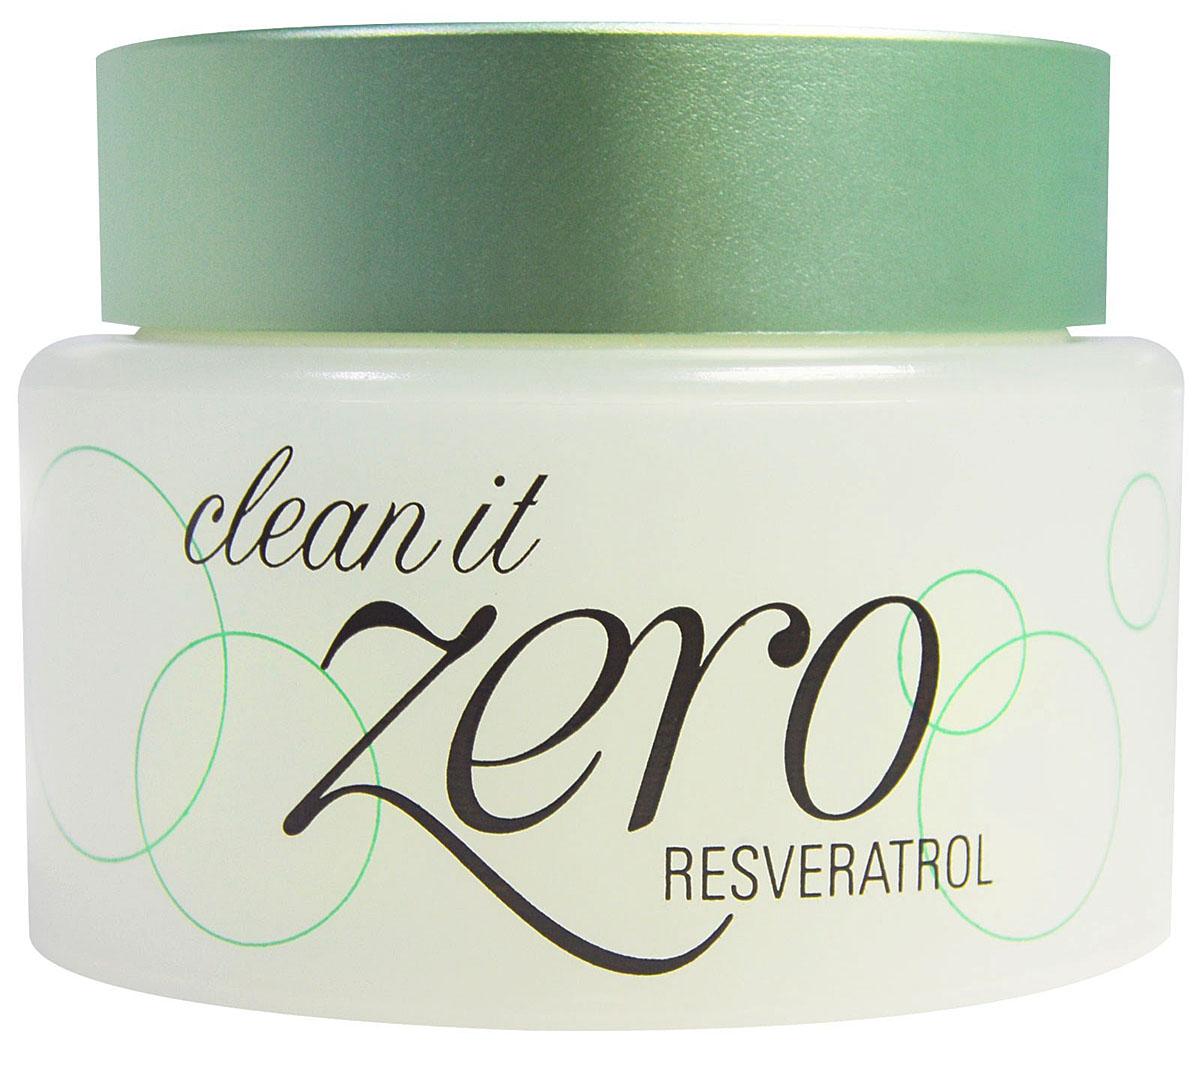 Banila Co Очищаюший крем-щербет для глубокого очищения Clean it Zero Resveratrol, 100 мл66-Ф-100Средство для удаления макияжа. Основные ингредиенты: экстракт папайи, ацерола, экстракты лечебных трав. Крем для умывания бережно снимает макияж, глубоко очищает поры, предотвращает воспаления. Входящий в состав экстракт ацеролы интенсивно увлажняет кожу. Подходит для чувствительной кожи.